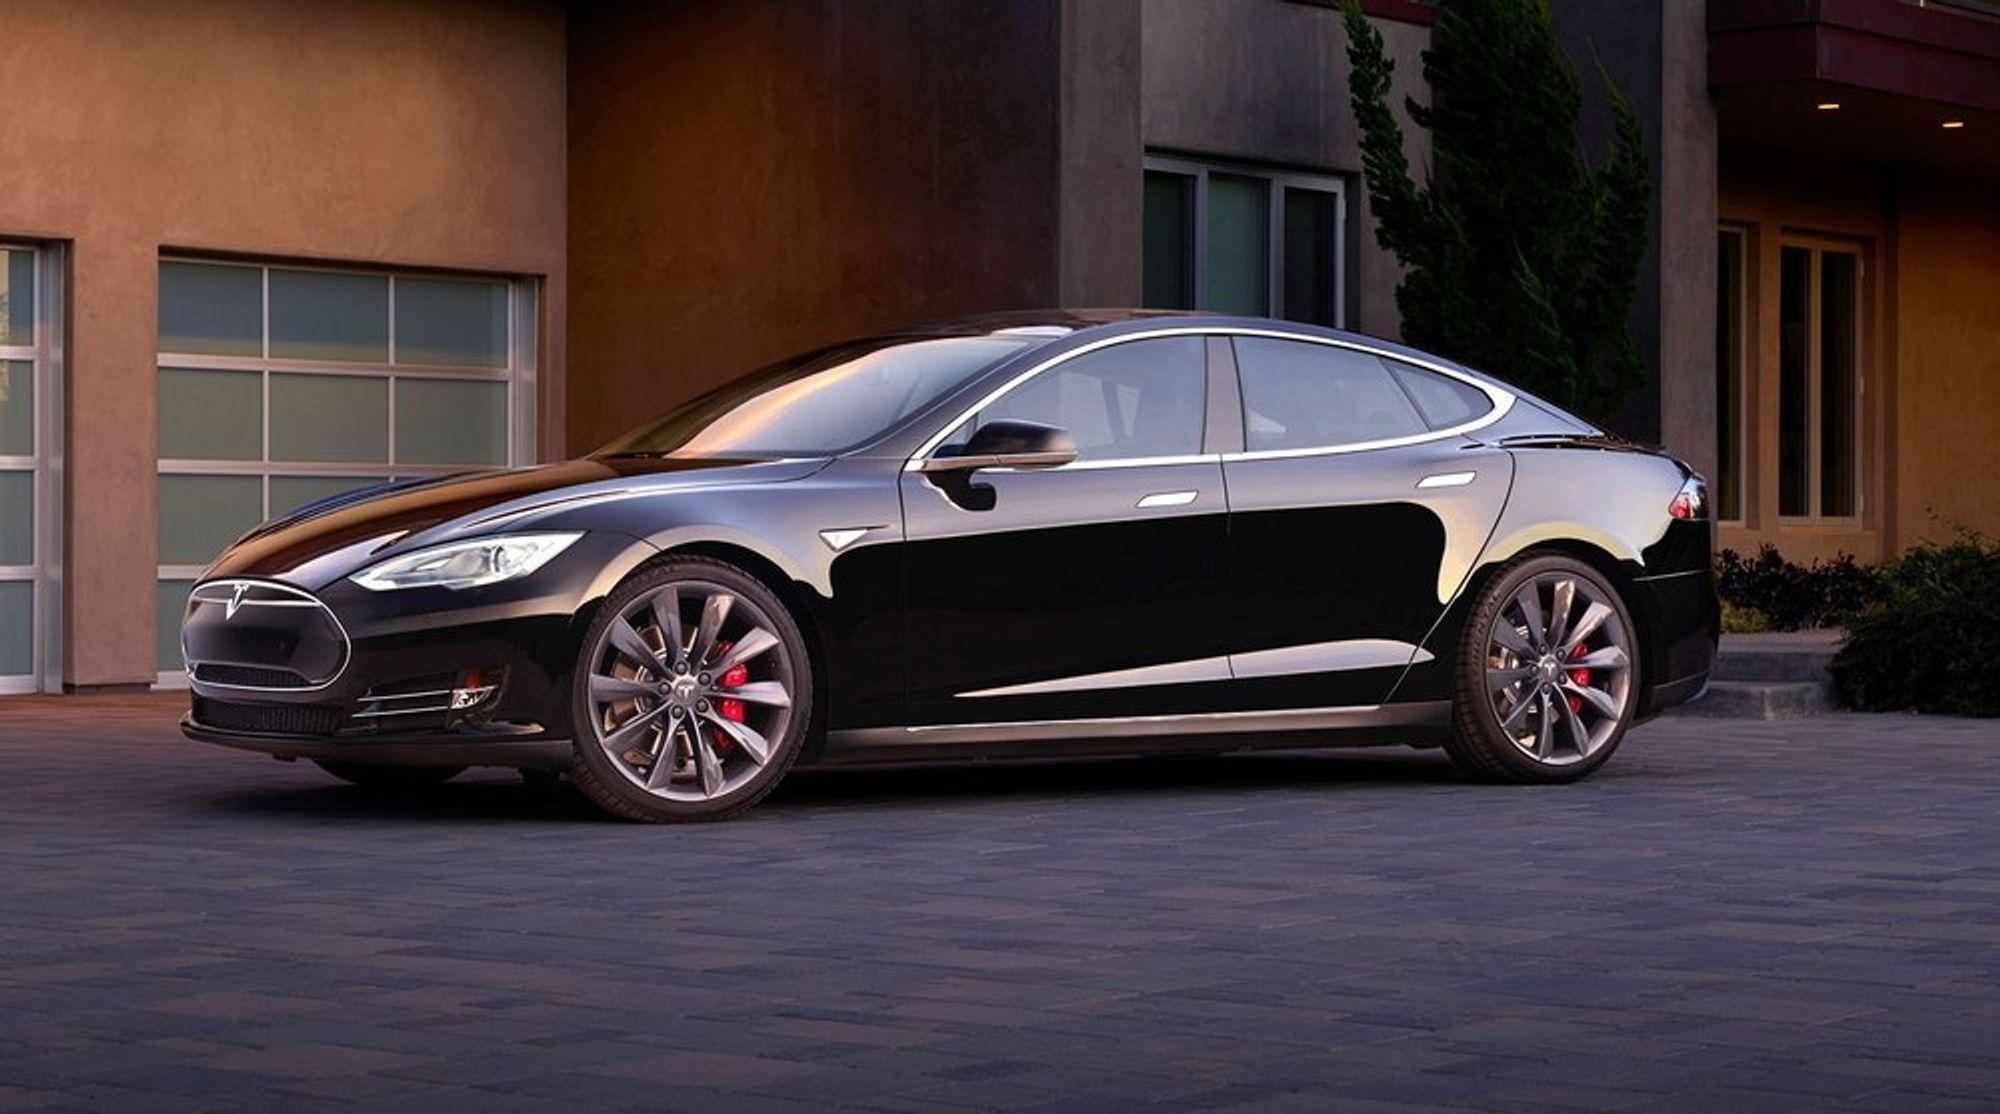 Trafikstyrelsen i Sverige har droppet planene om å forby salg av Tesla Model S.